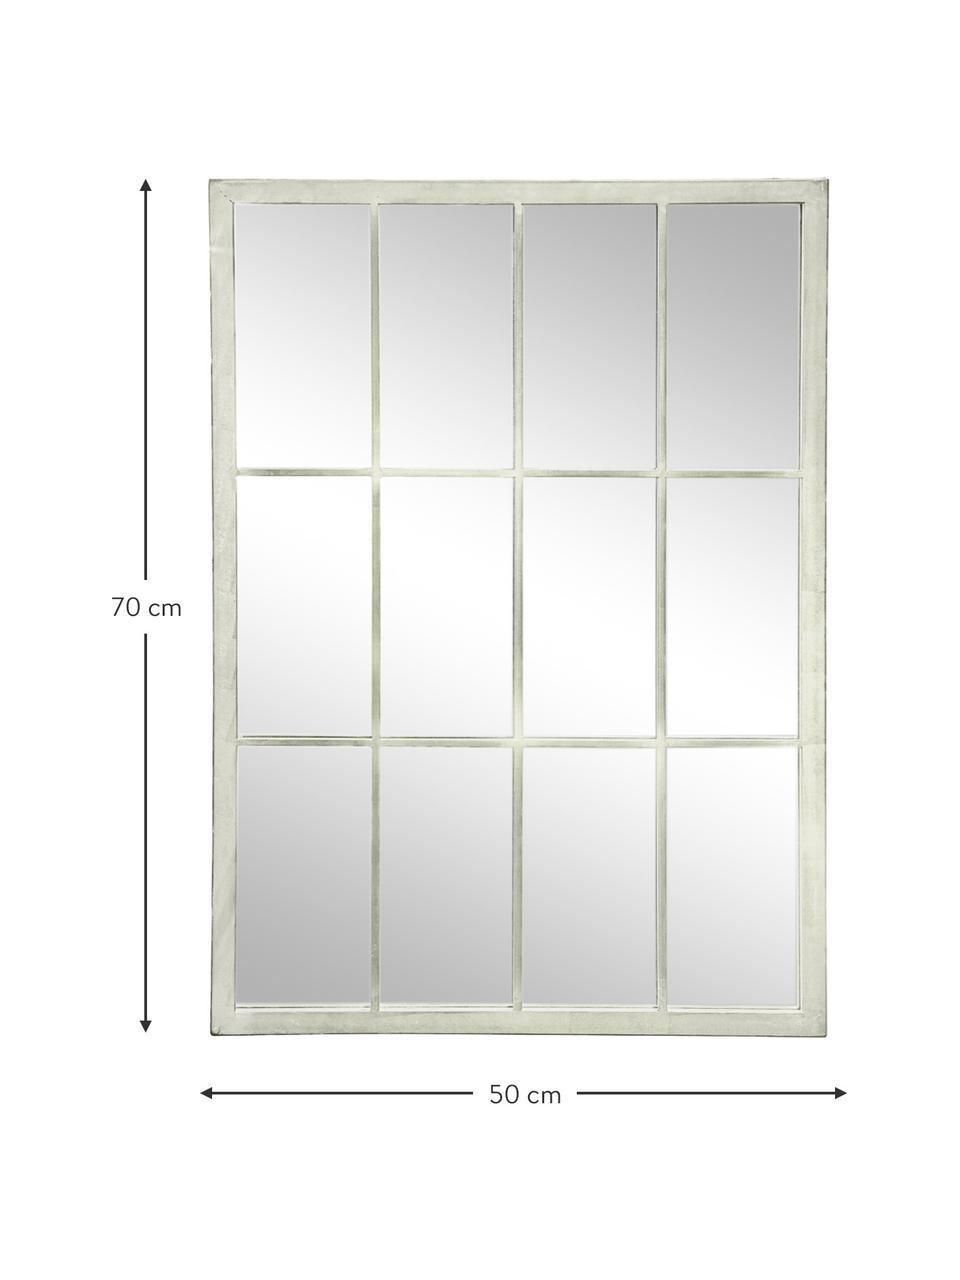 Eckiger Wandspiegel Zanetti mit Metallrahmen, Rahmen: Metall, lackiert, Spiegelfläche: Spiegelglas, Weiß, 50 x 70 cm